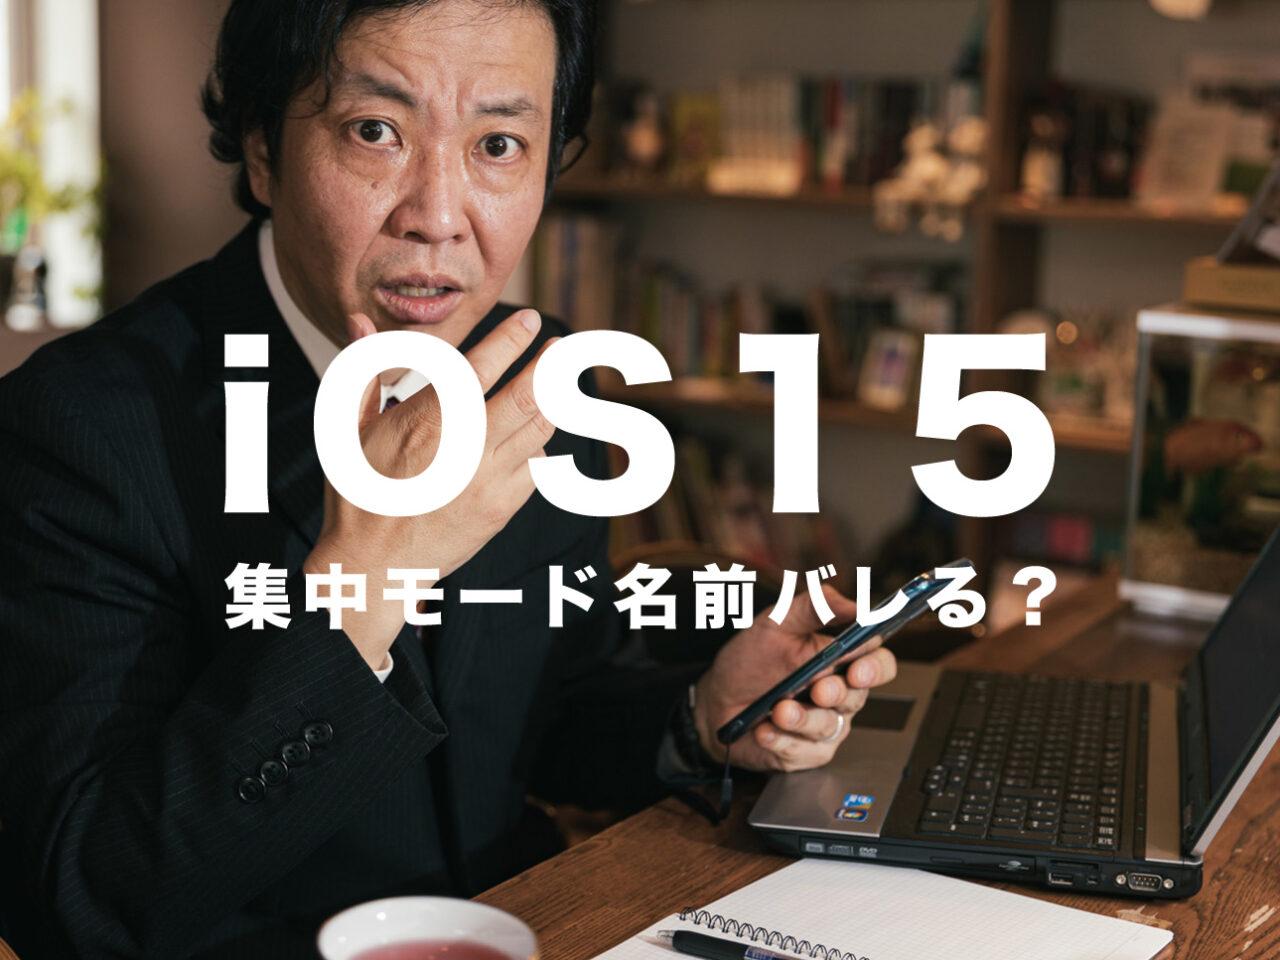 iOS15のiPhoneで集中モードで名前がバレる?本名を隠すには?のサムネイル画像